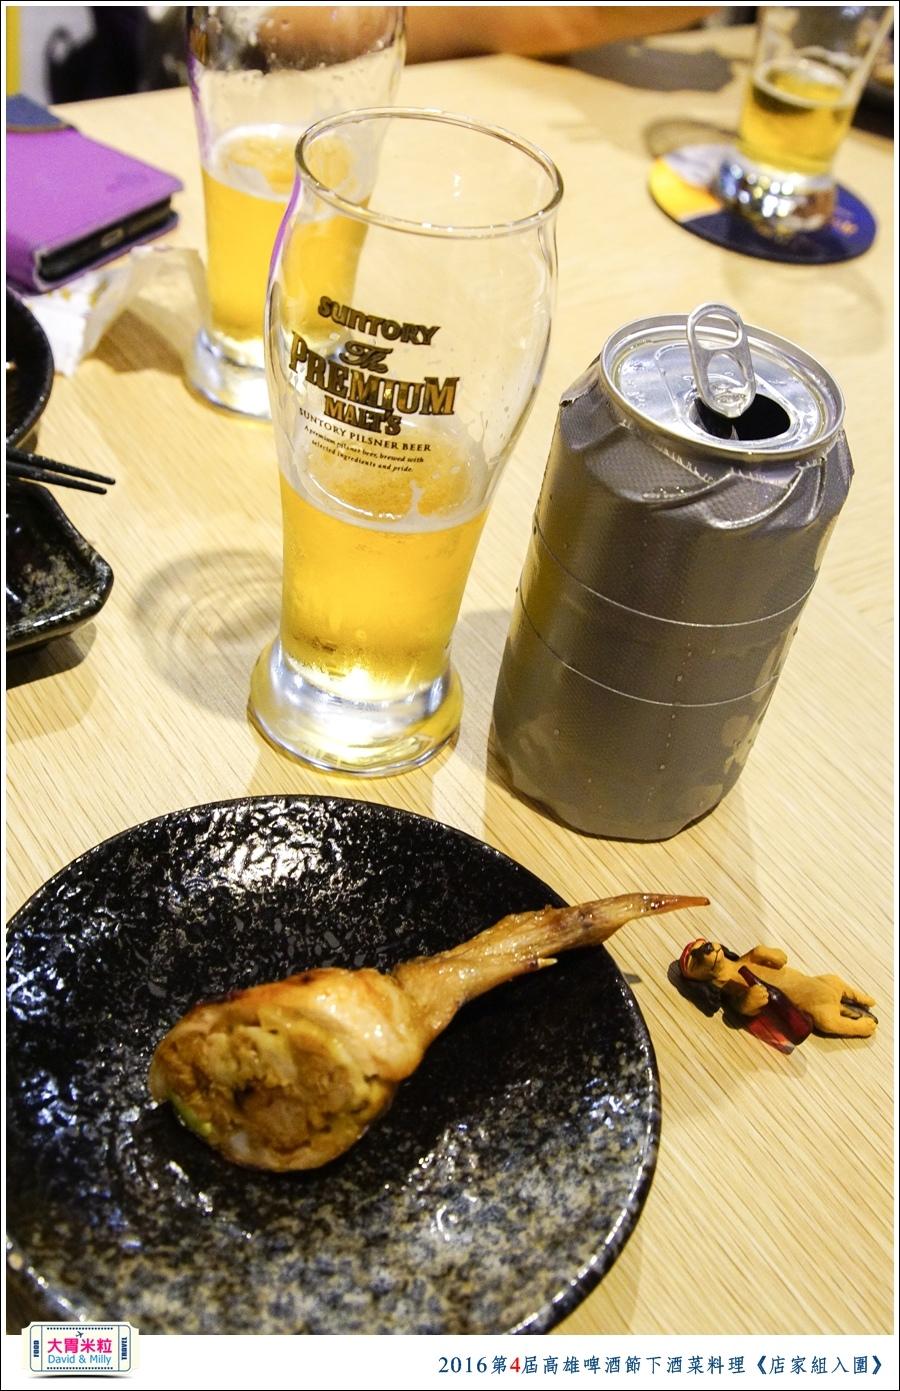 2016第4屆高雄啤酒節下酒菜料理競賽1@大胃米粒0046.jpg